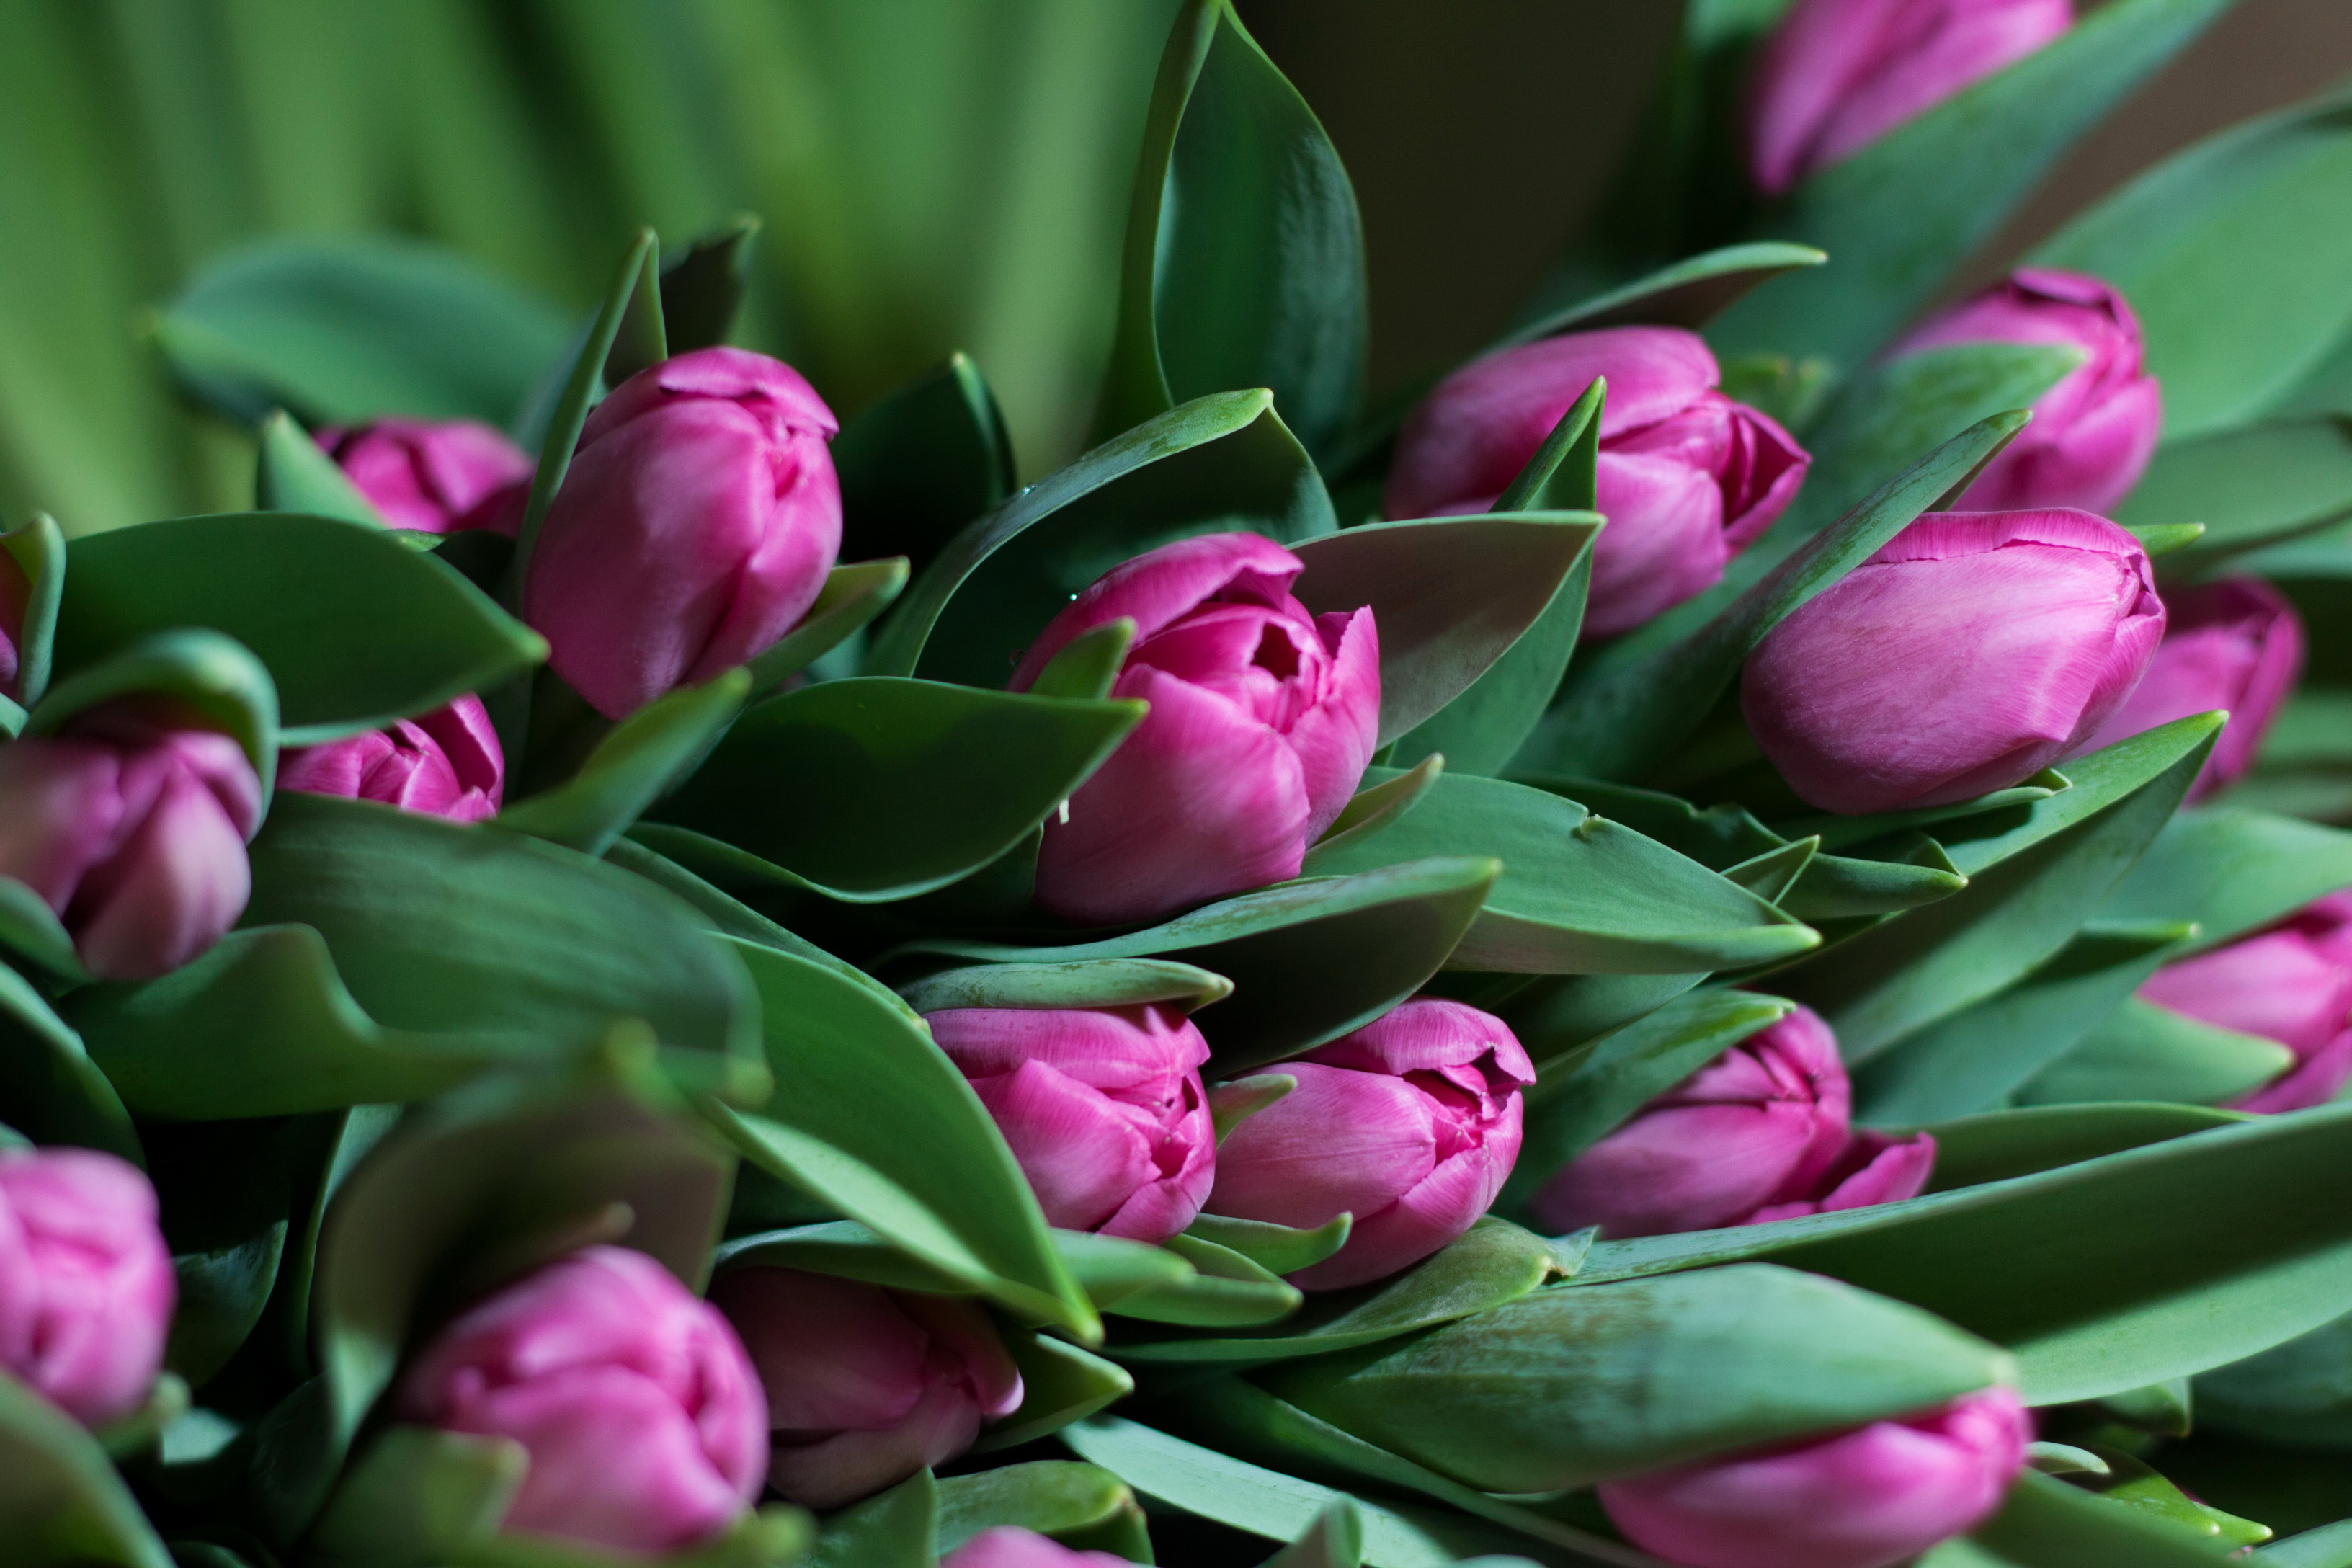 букет,тюльпаны,листья  № 415744 бесплатно